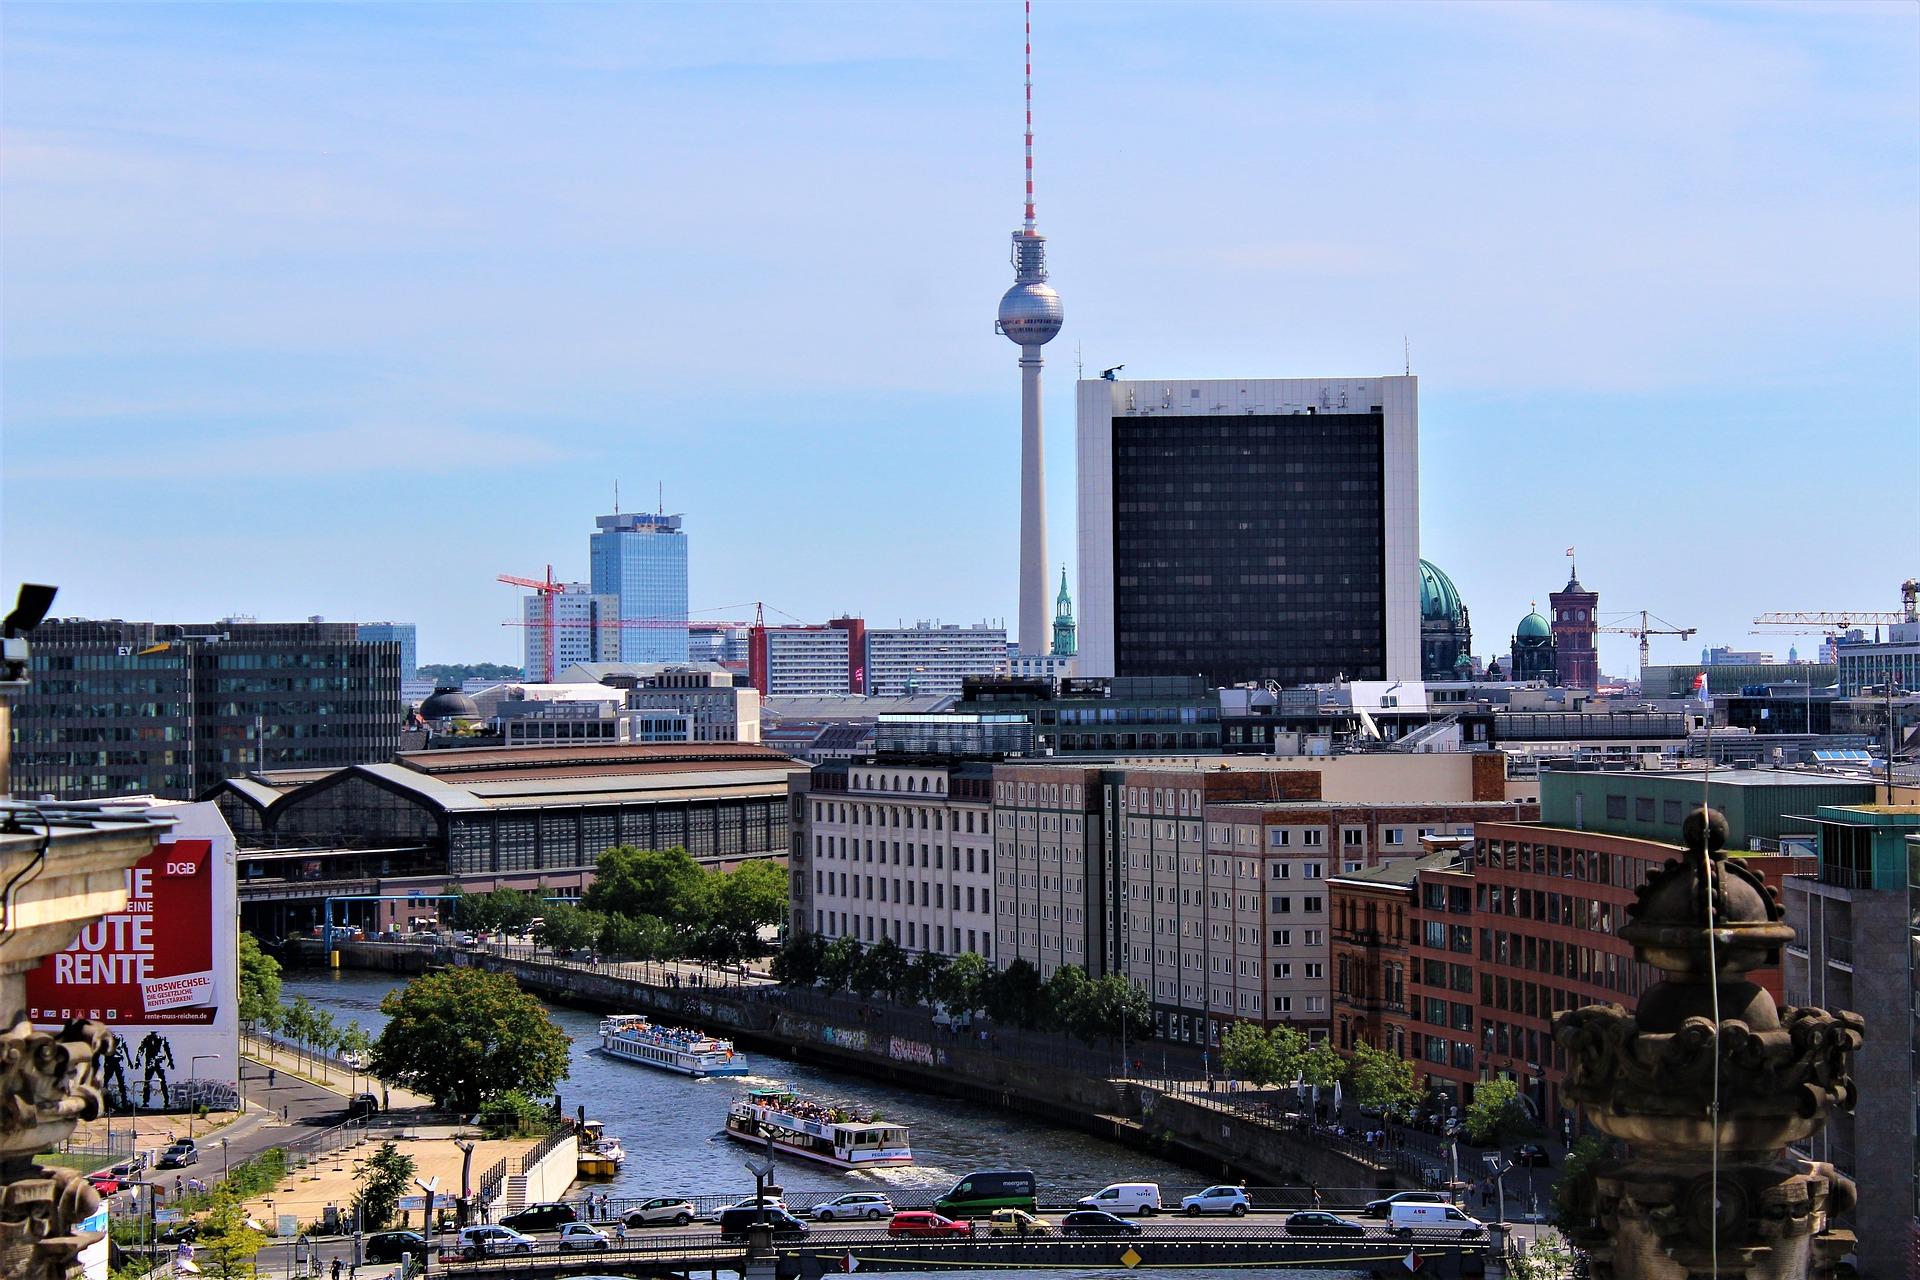 DFB Pokalfinale 2019 Tickets günstig kaufen ab 499,00€ + Hotelübernachtung Berlin